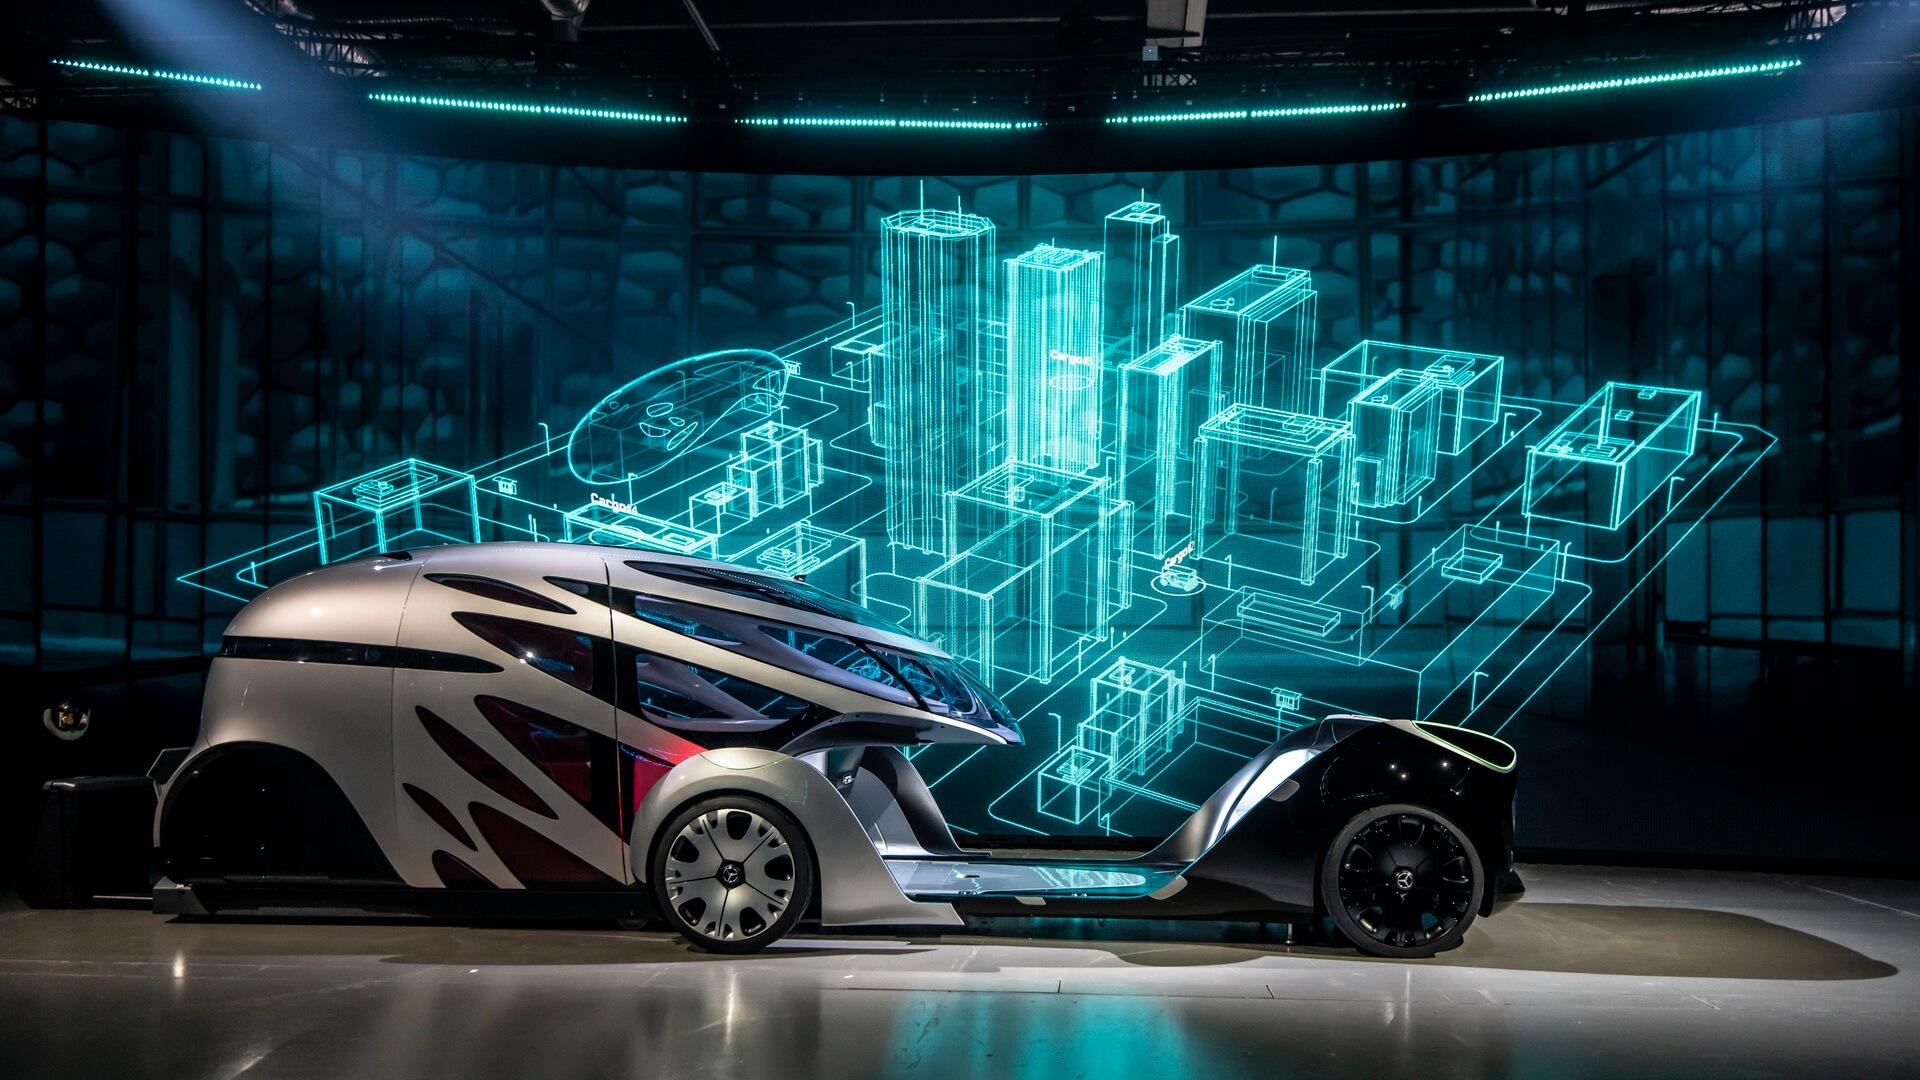 Модульная система электрического концепта Mercedes-Benz Vision URBANETIC